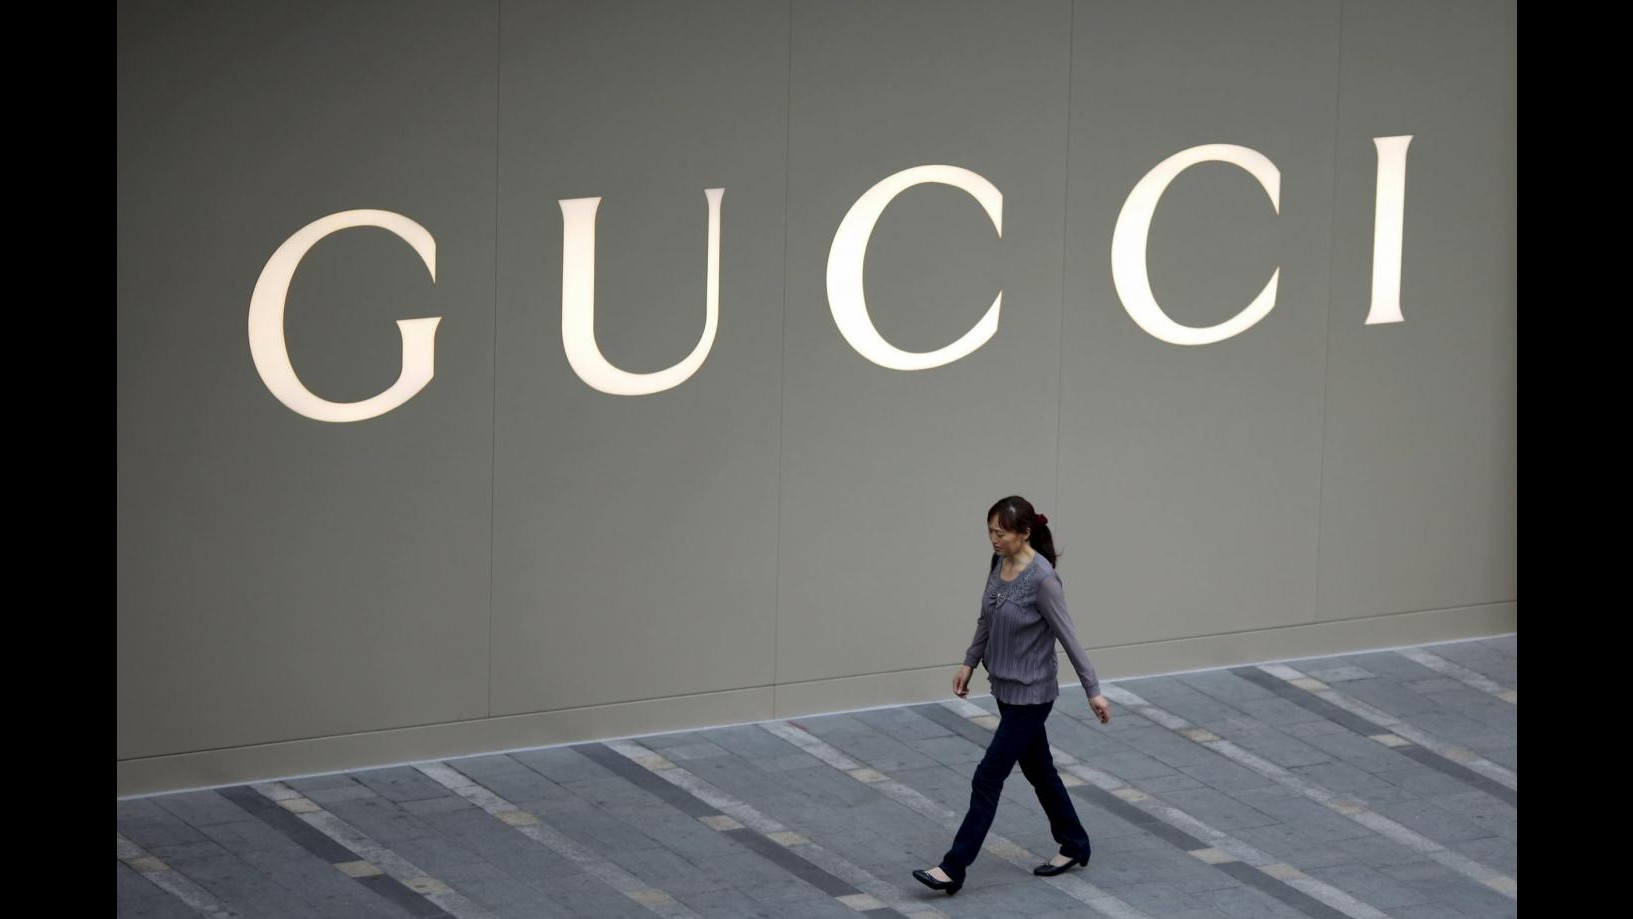 Milano, eredi di Gucci vincono ricorso in Commissione tributaria